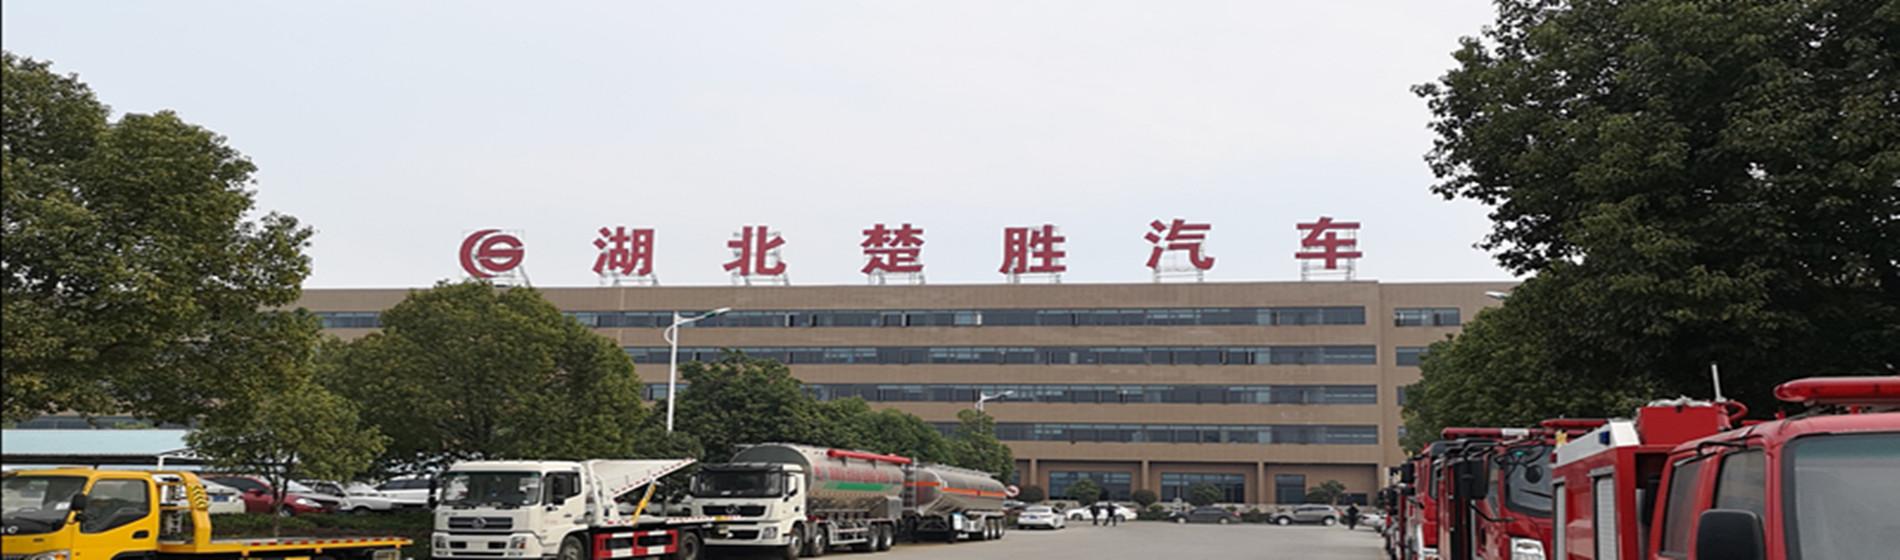 湖北楚胜汽车有限公司